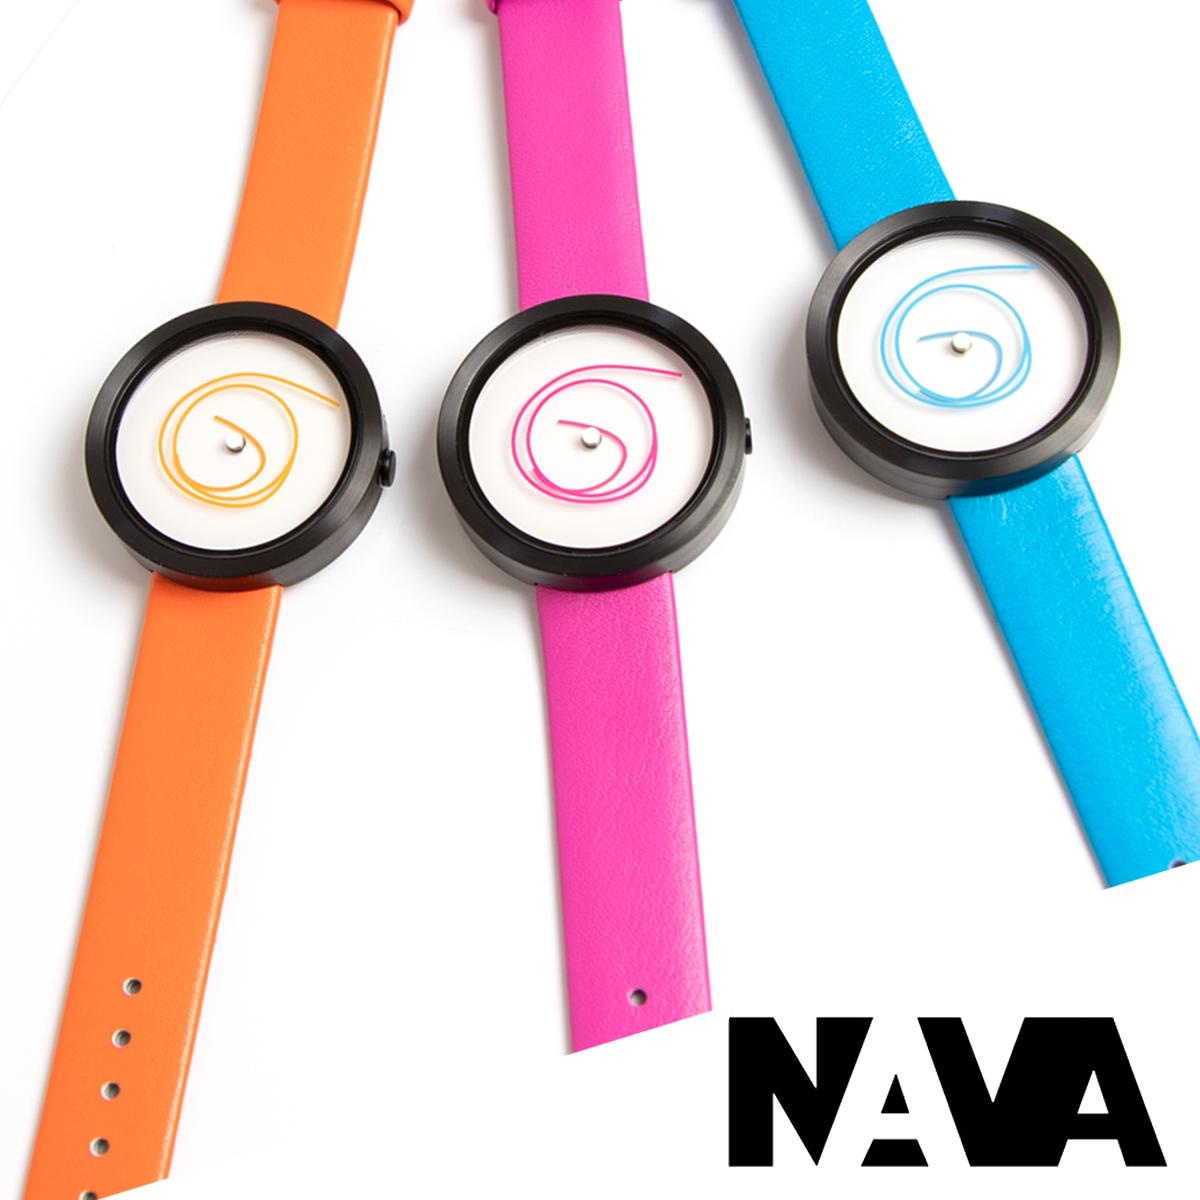 【ラッピング無料】選べる3色NAVA DESIGN ナバデザイン ORA UNICA O407 腕時計&手帳 ギフトセット 36MM ボーイズサイズ レディース 女性用 デザイナーズウォッチ ピンク ブルー オレンジ ナヴァデザイン レディス ガールズ 個性的